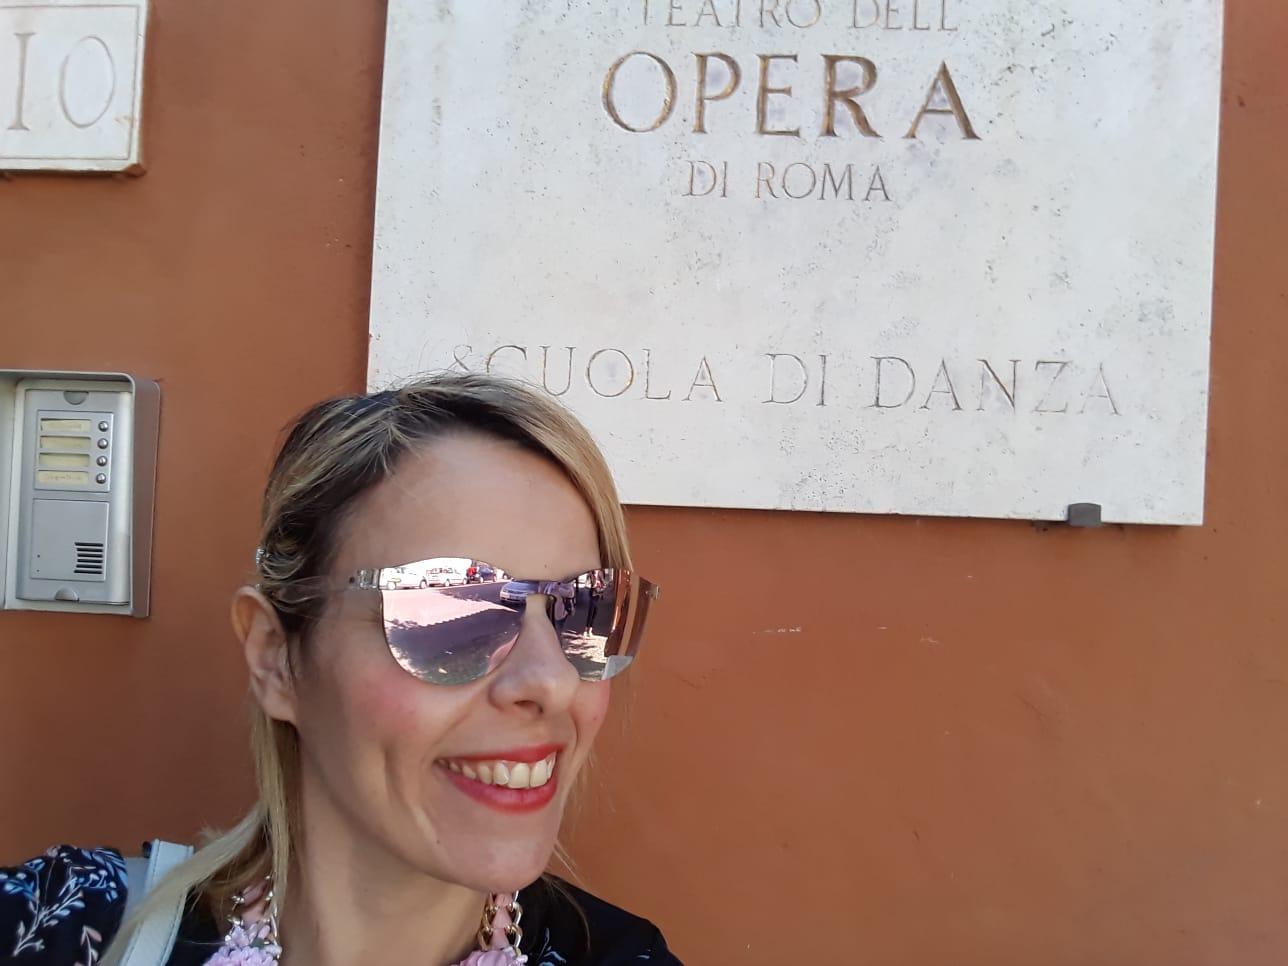 La Maestra Teresa Sole supera un'audizione al Teatro dell'Opera di Roma